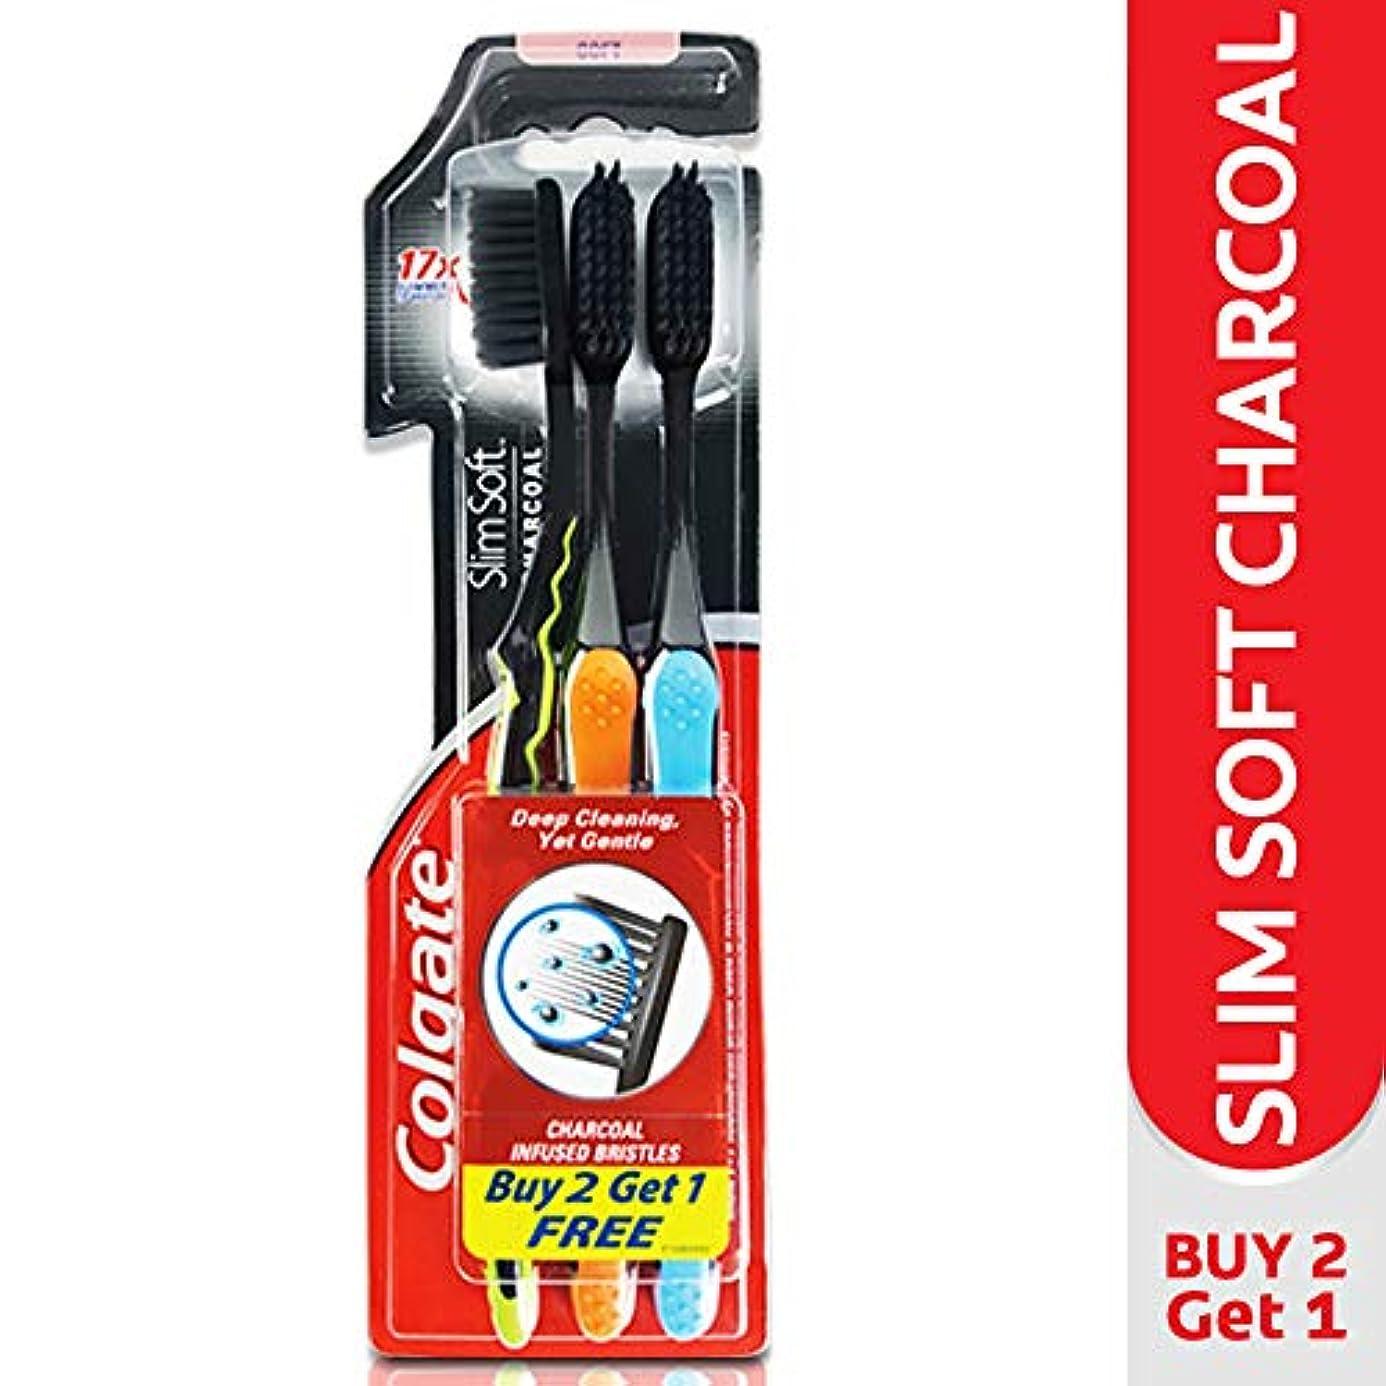 頼むおびえたジェームズダイソンColgate Slim Soft Charcoal Toothbrush (Pack of 3) 17x Slimmer Soft Tip Bristles (Ship From India)